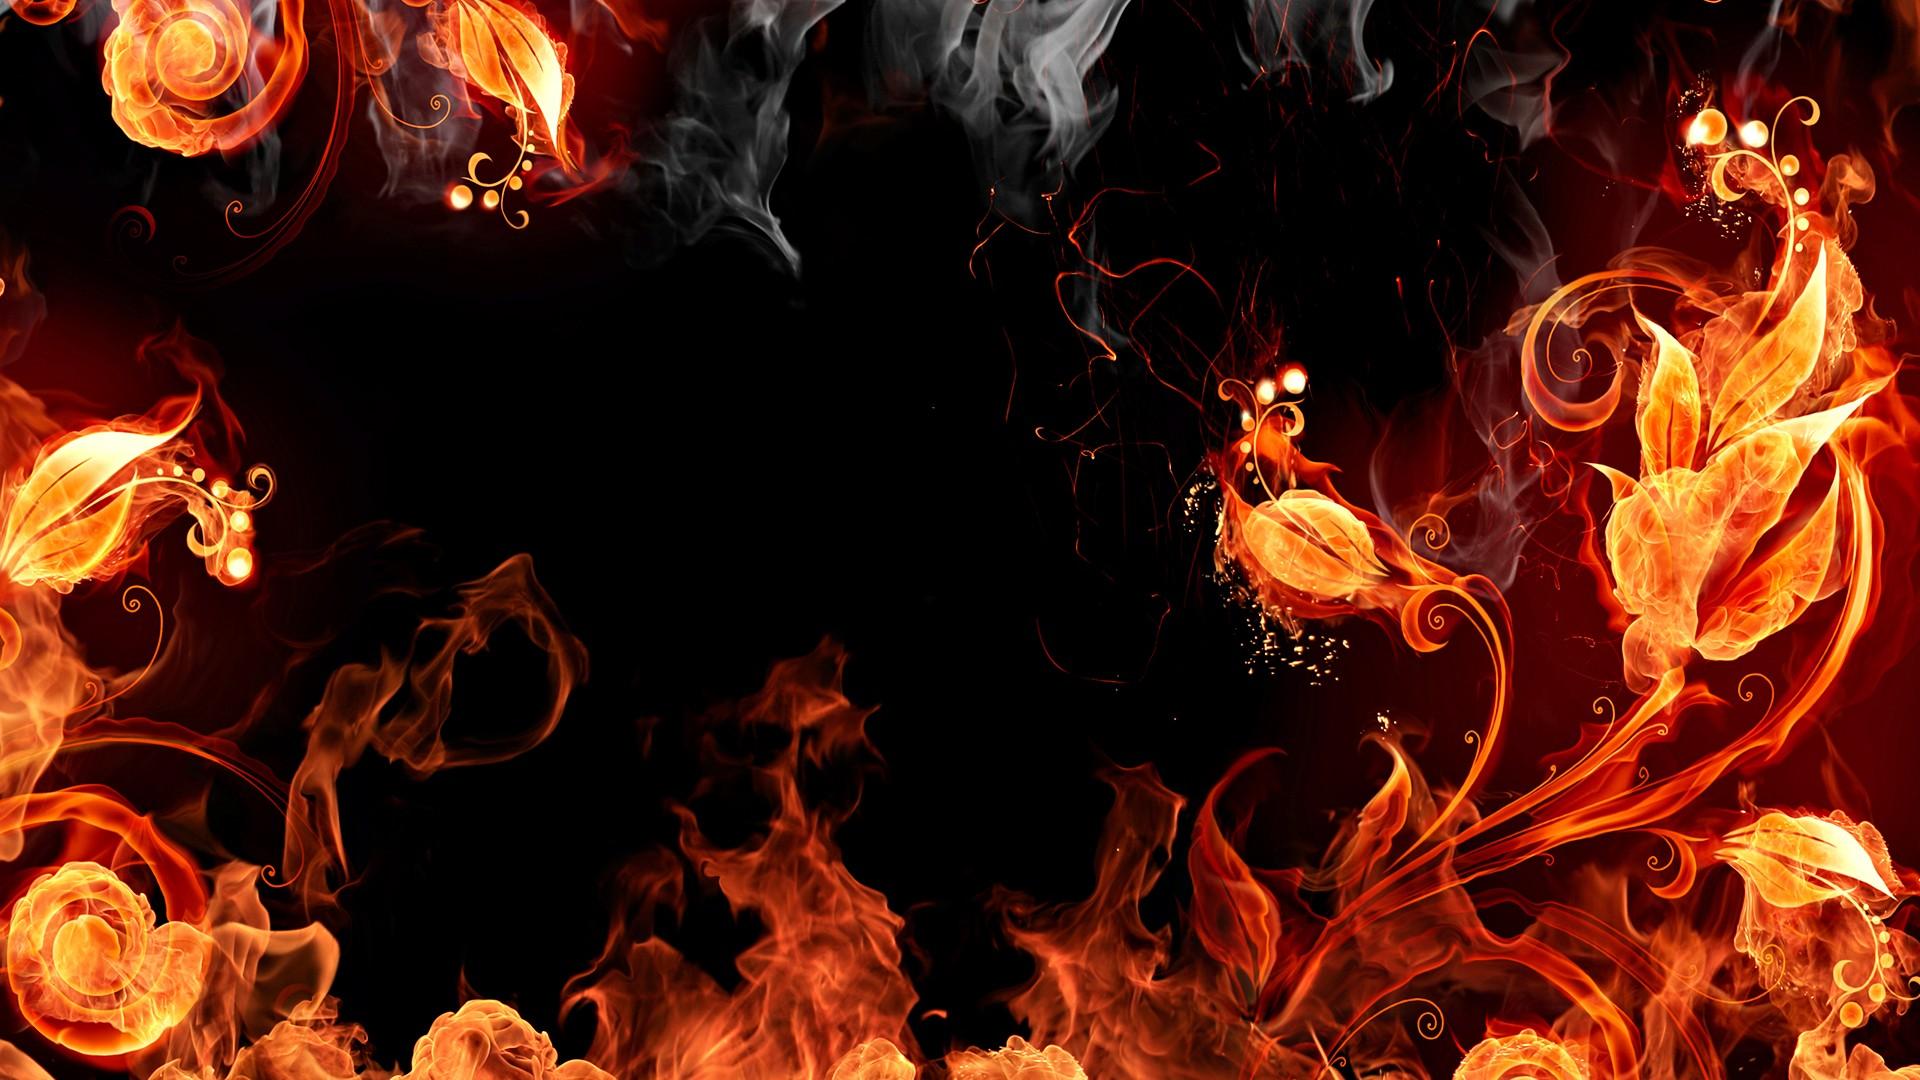 Fire black background wallpaper | 1920x1080 | 193234 | WallpaperUP